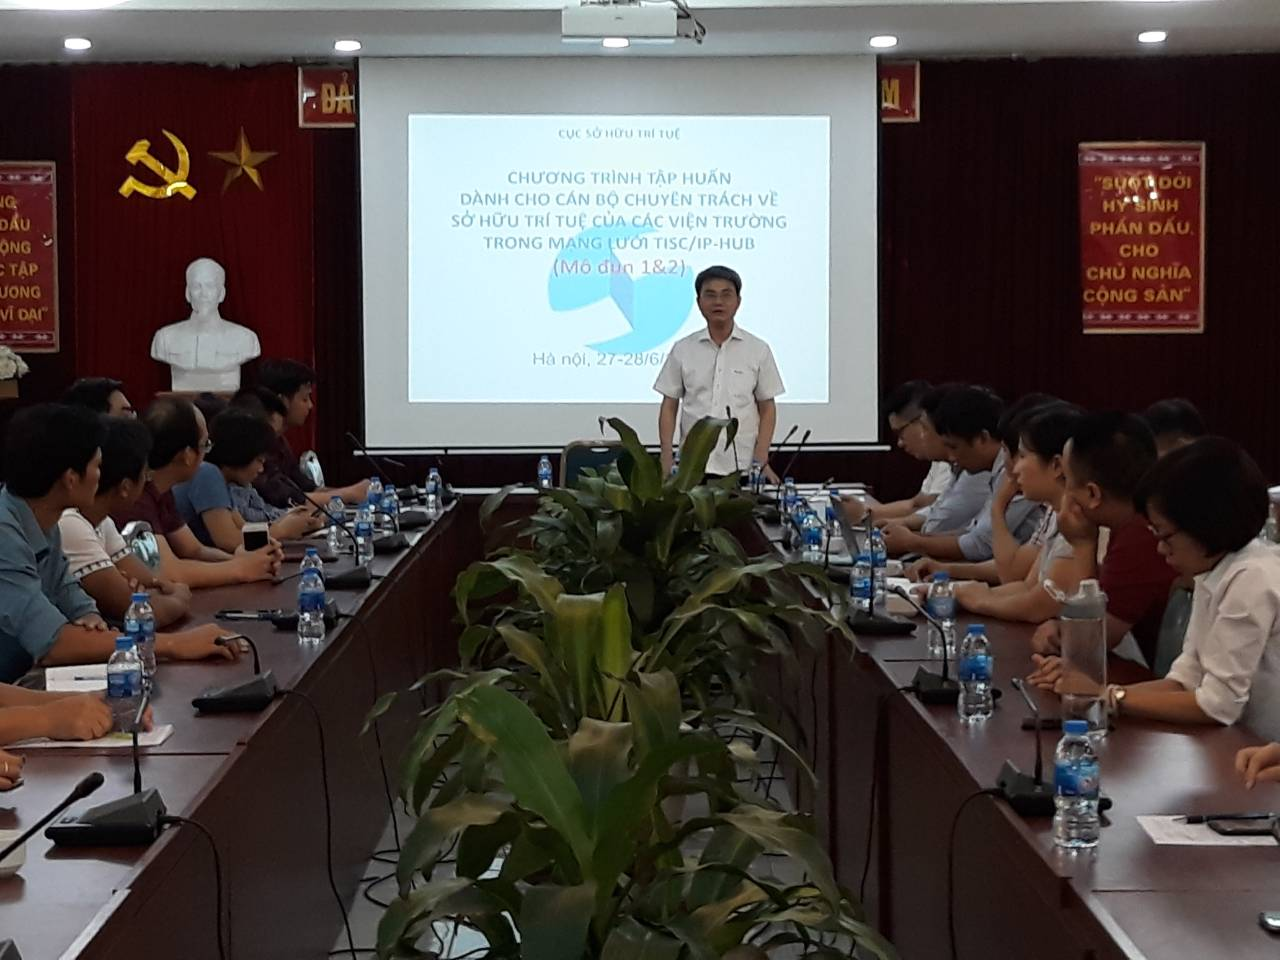 Ông Đinh Hữu Phí, Cục trưởng Cục Sở hữu trí tuệ phát biểu khai mạc.